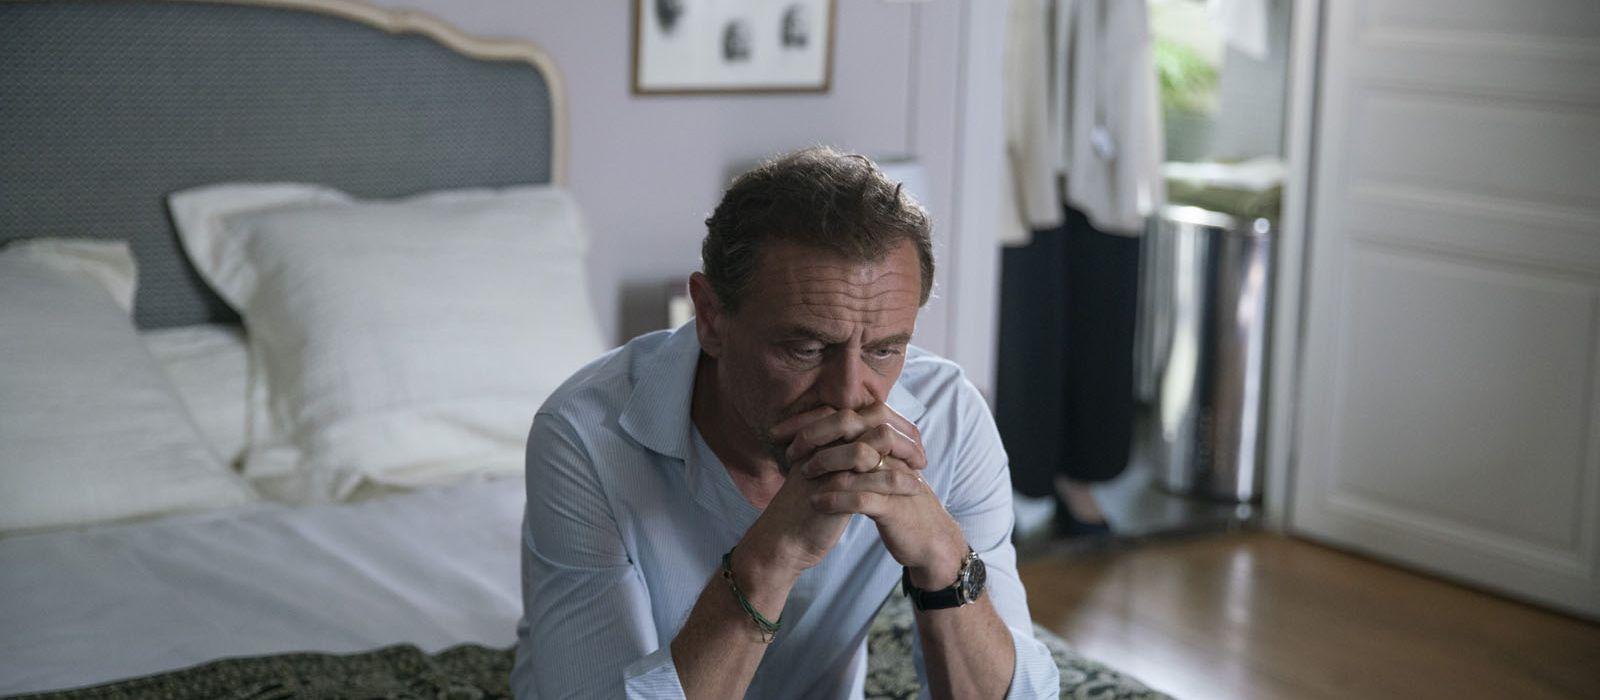 Entrevista a Arnaud Viard, director de Quisiera que alguien me esperara en algún lugar